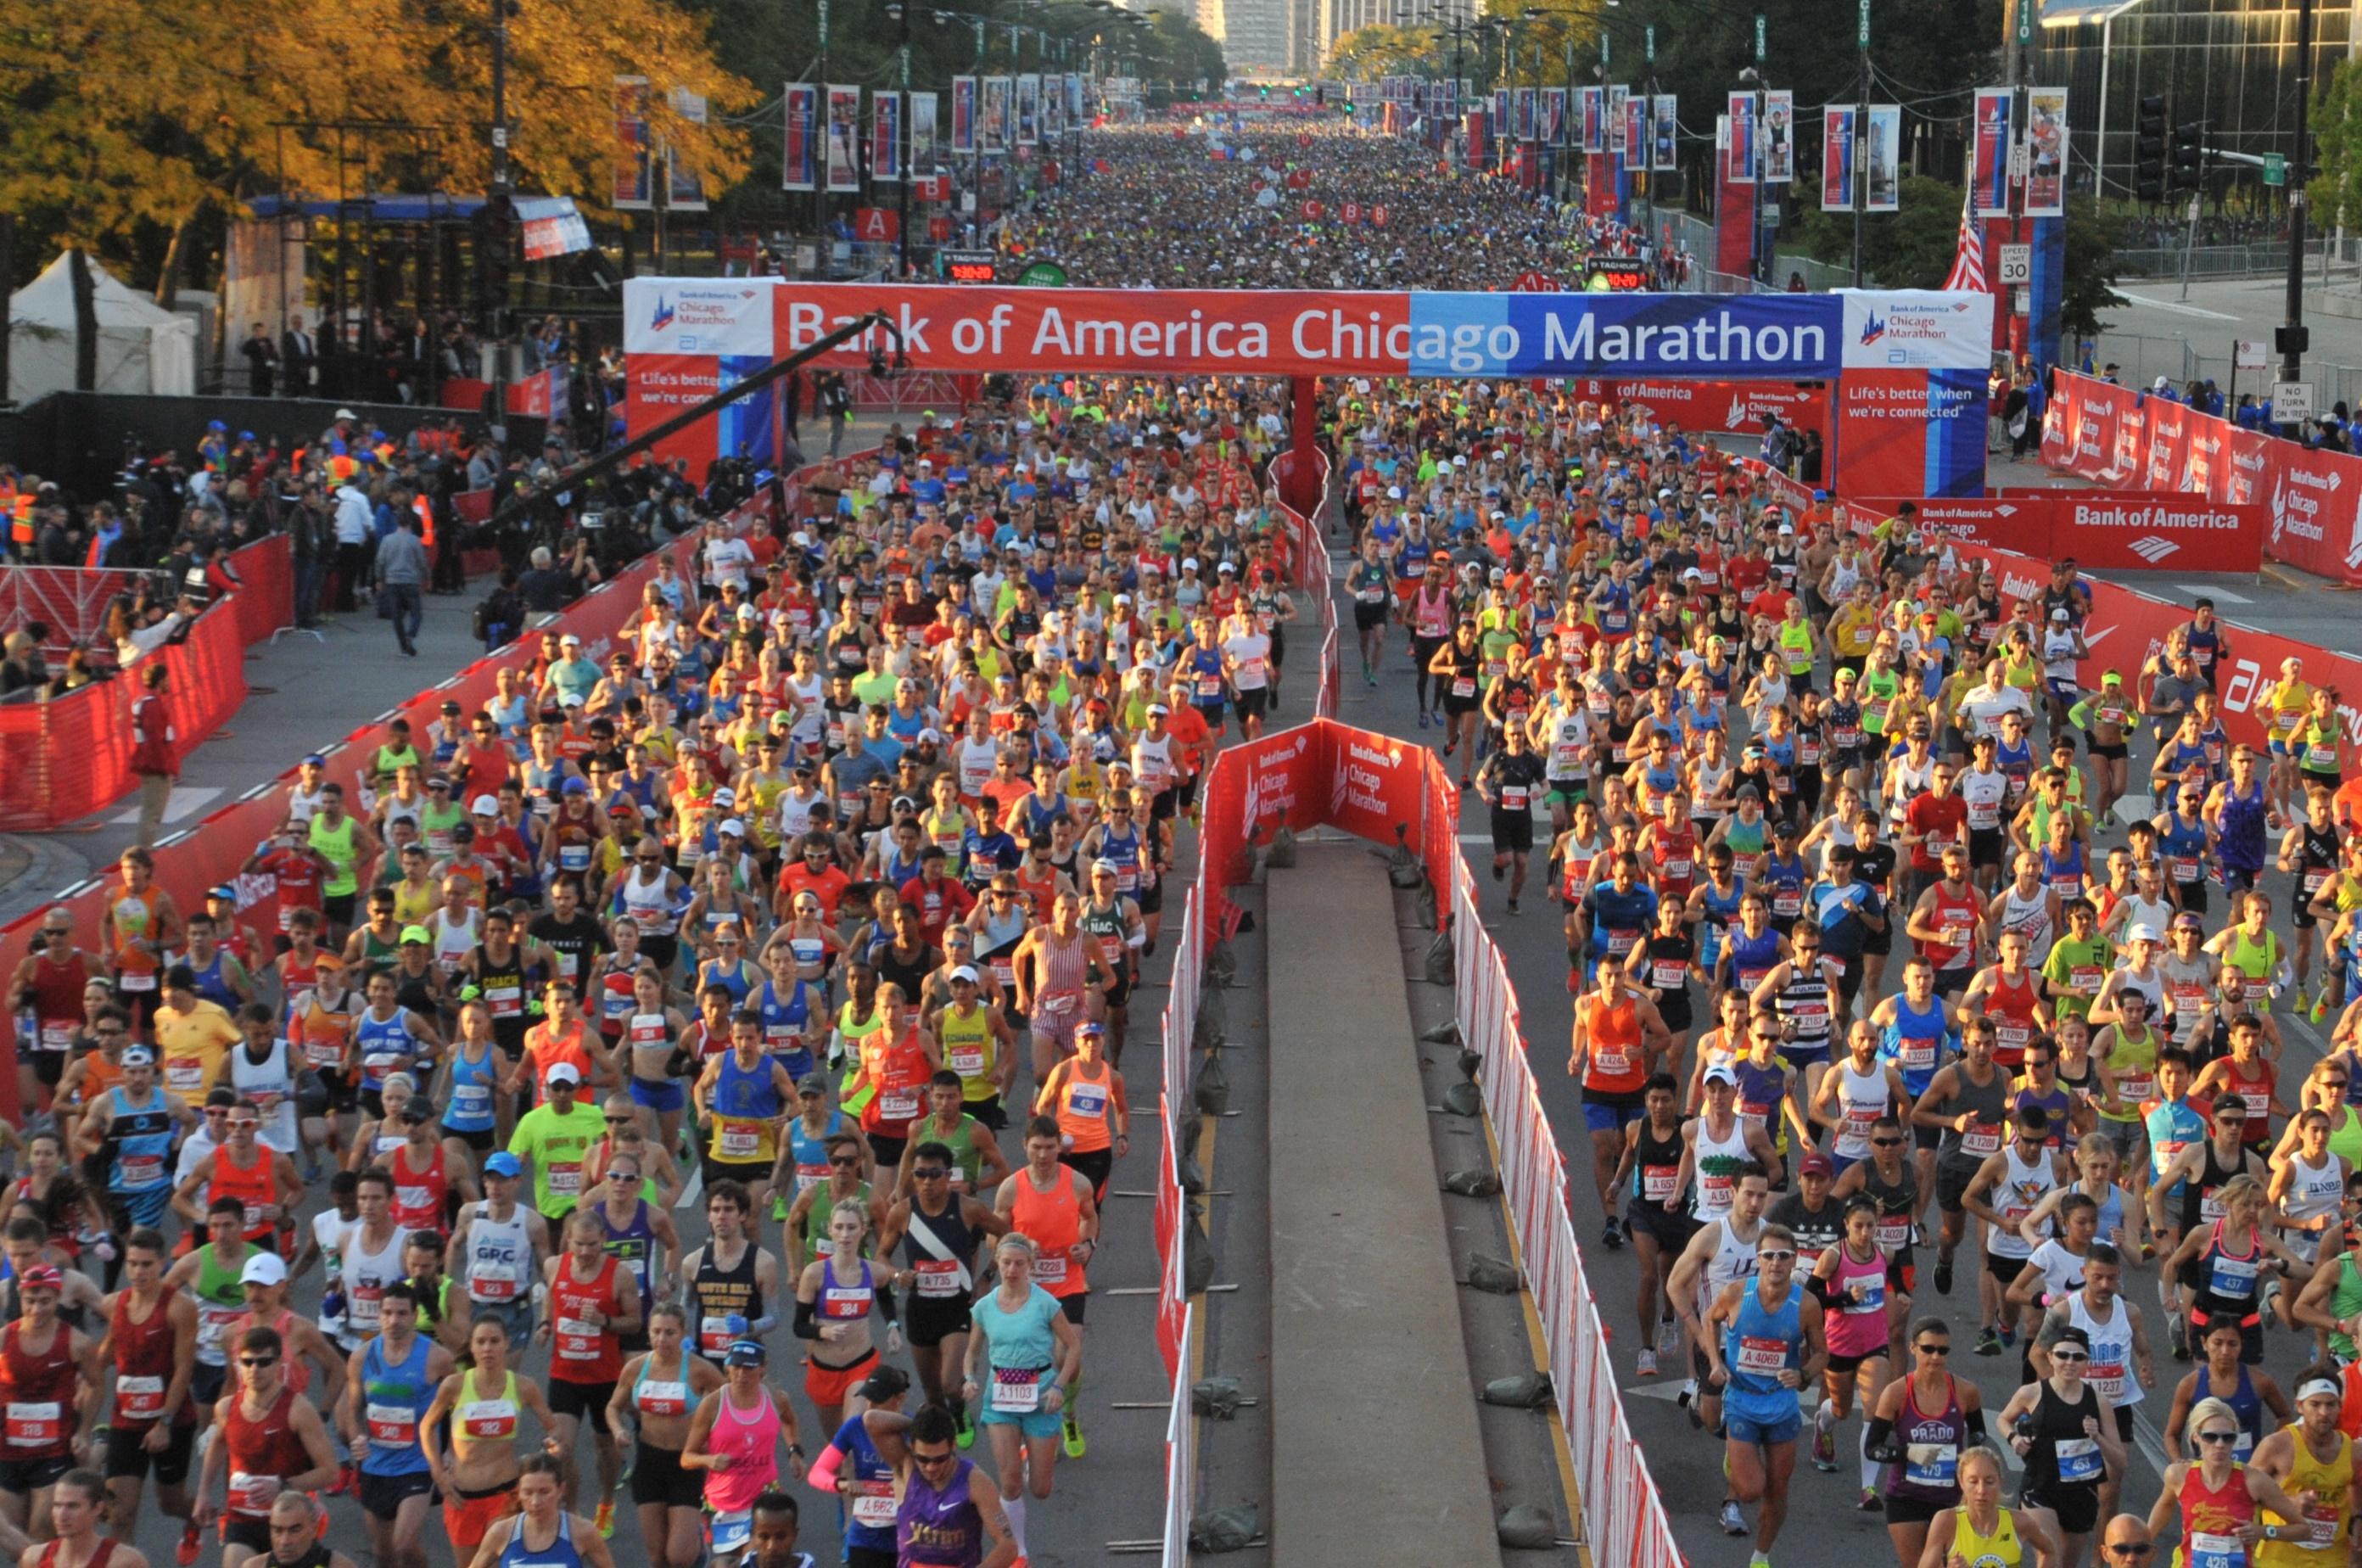 oficiálna fotka po štarte jednej vlny dobre dokumentuje veľkosť maratónu v Chicagu